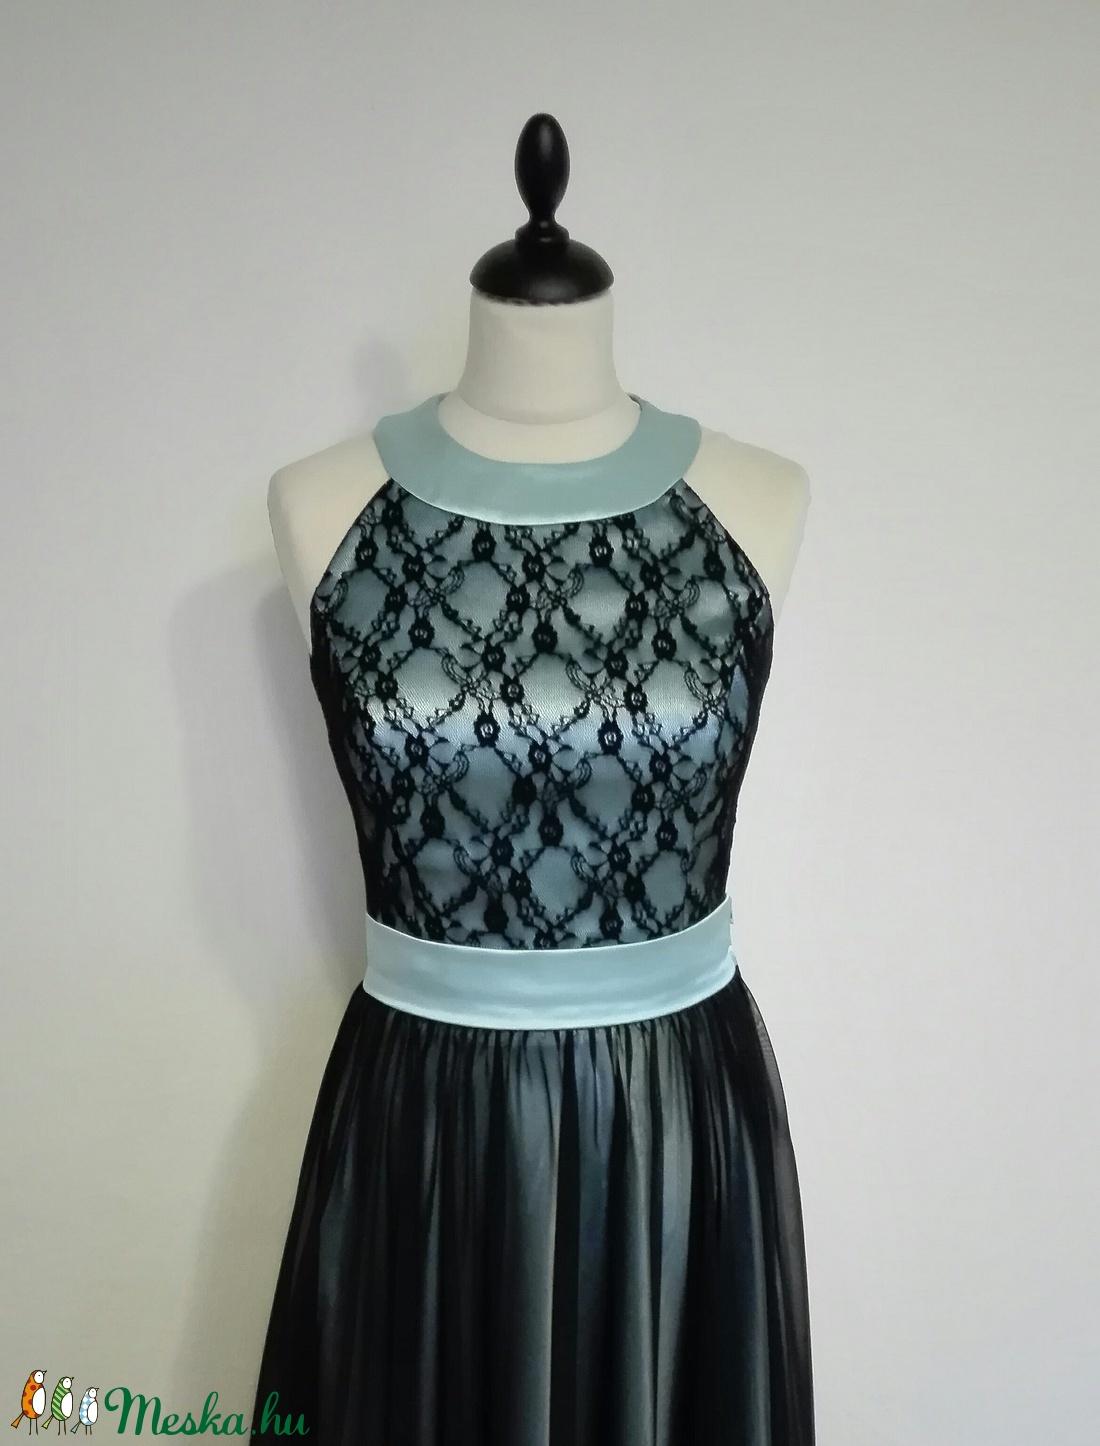 Csipkés hosszú szalagavató ruha (nicoledesign) - Meska.hu 3641fa1cab